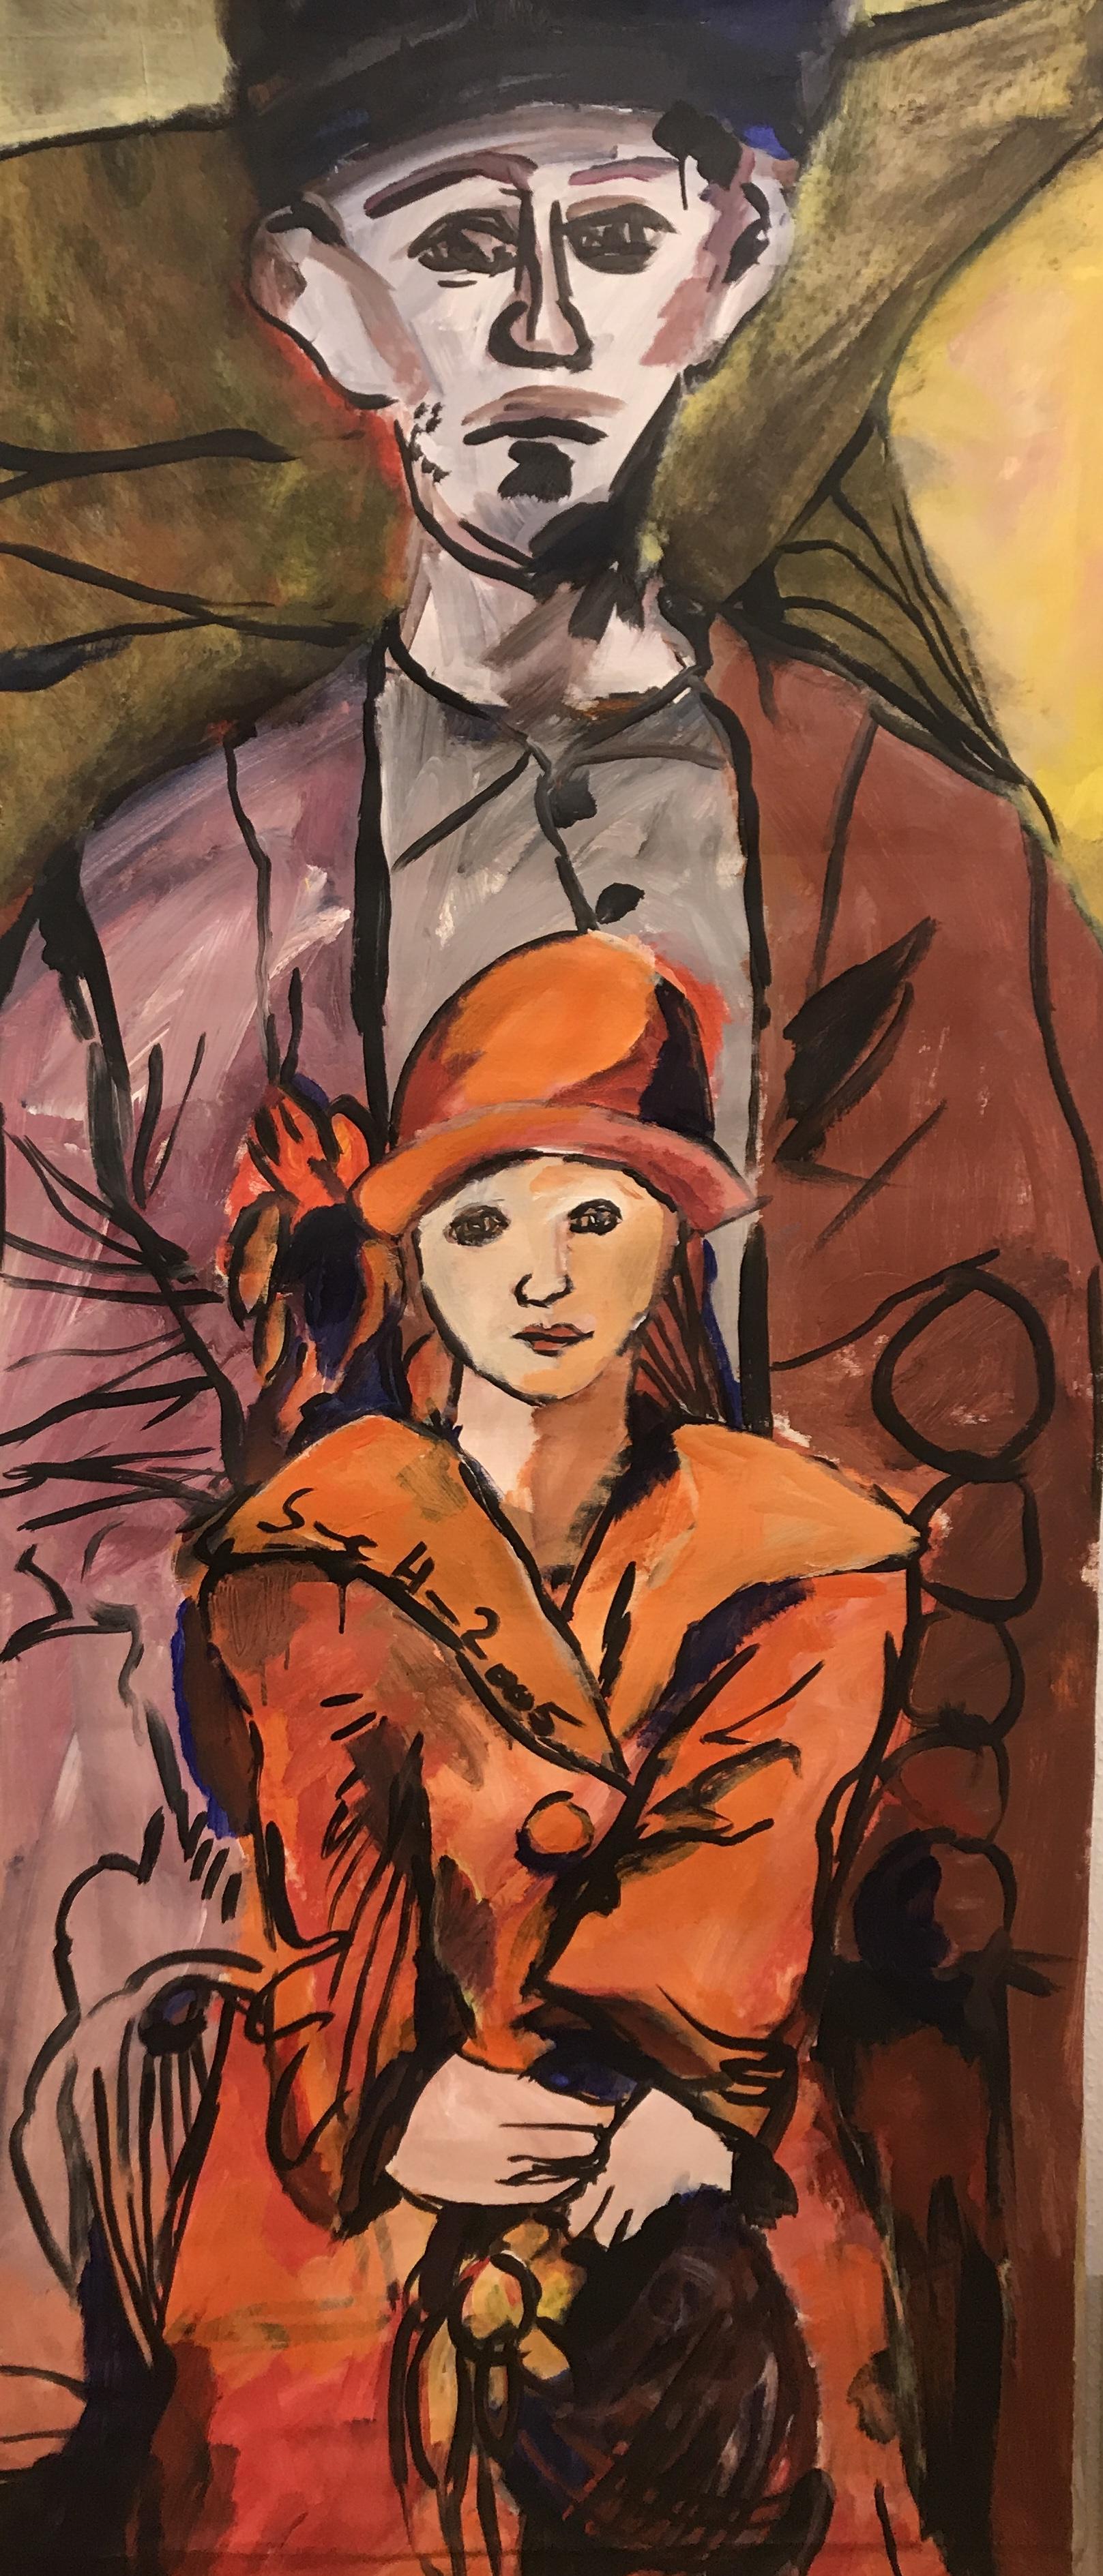 Vater und Tochter,2005, 186 x 79,5 cm, Acryl und Tusche auf Leinwand, Gemälde von Susanne Haun (c) VG Bild-Kunst, Bonn 2020